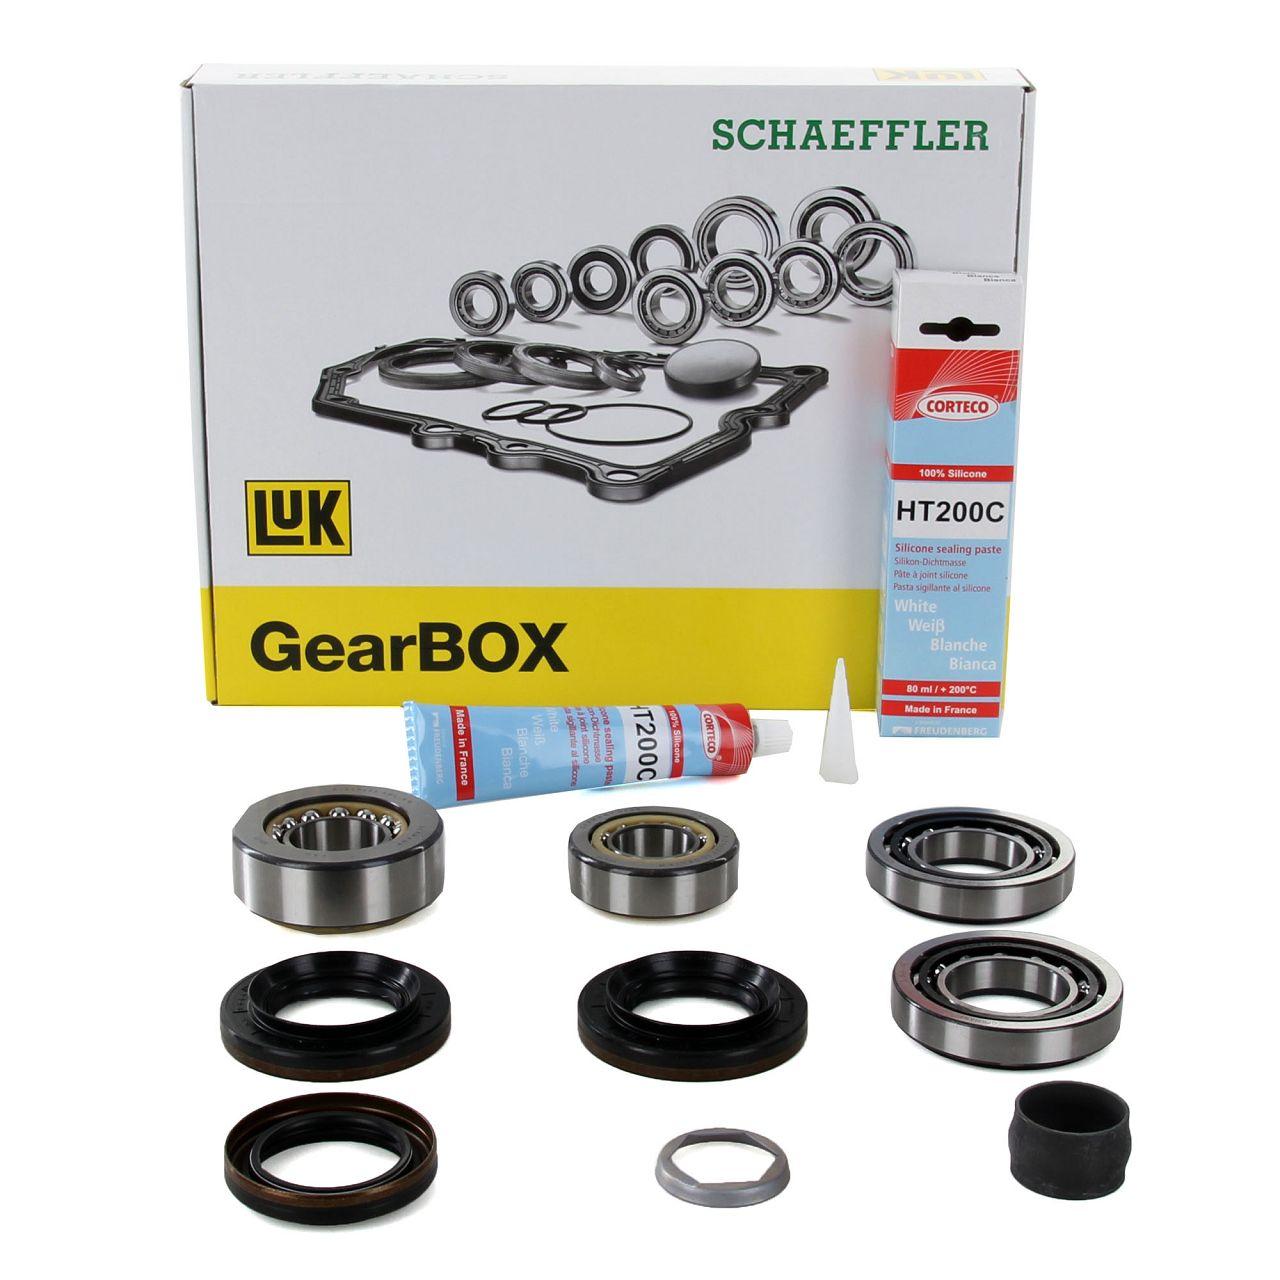 LUK Reparatursatz Differential / GEARBOX HAG 462014710 BMW 1er E81-88 3er E90-93 X1 E84